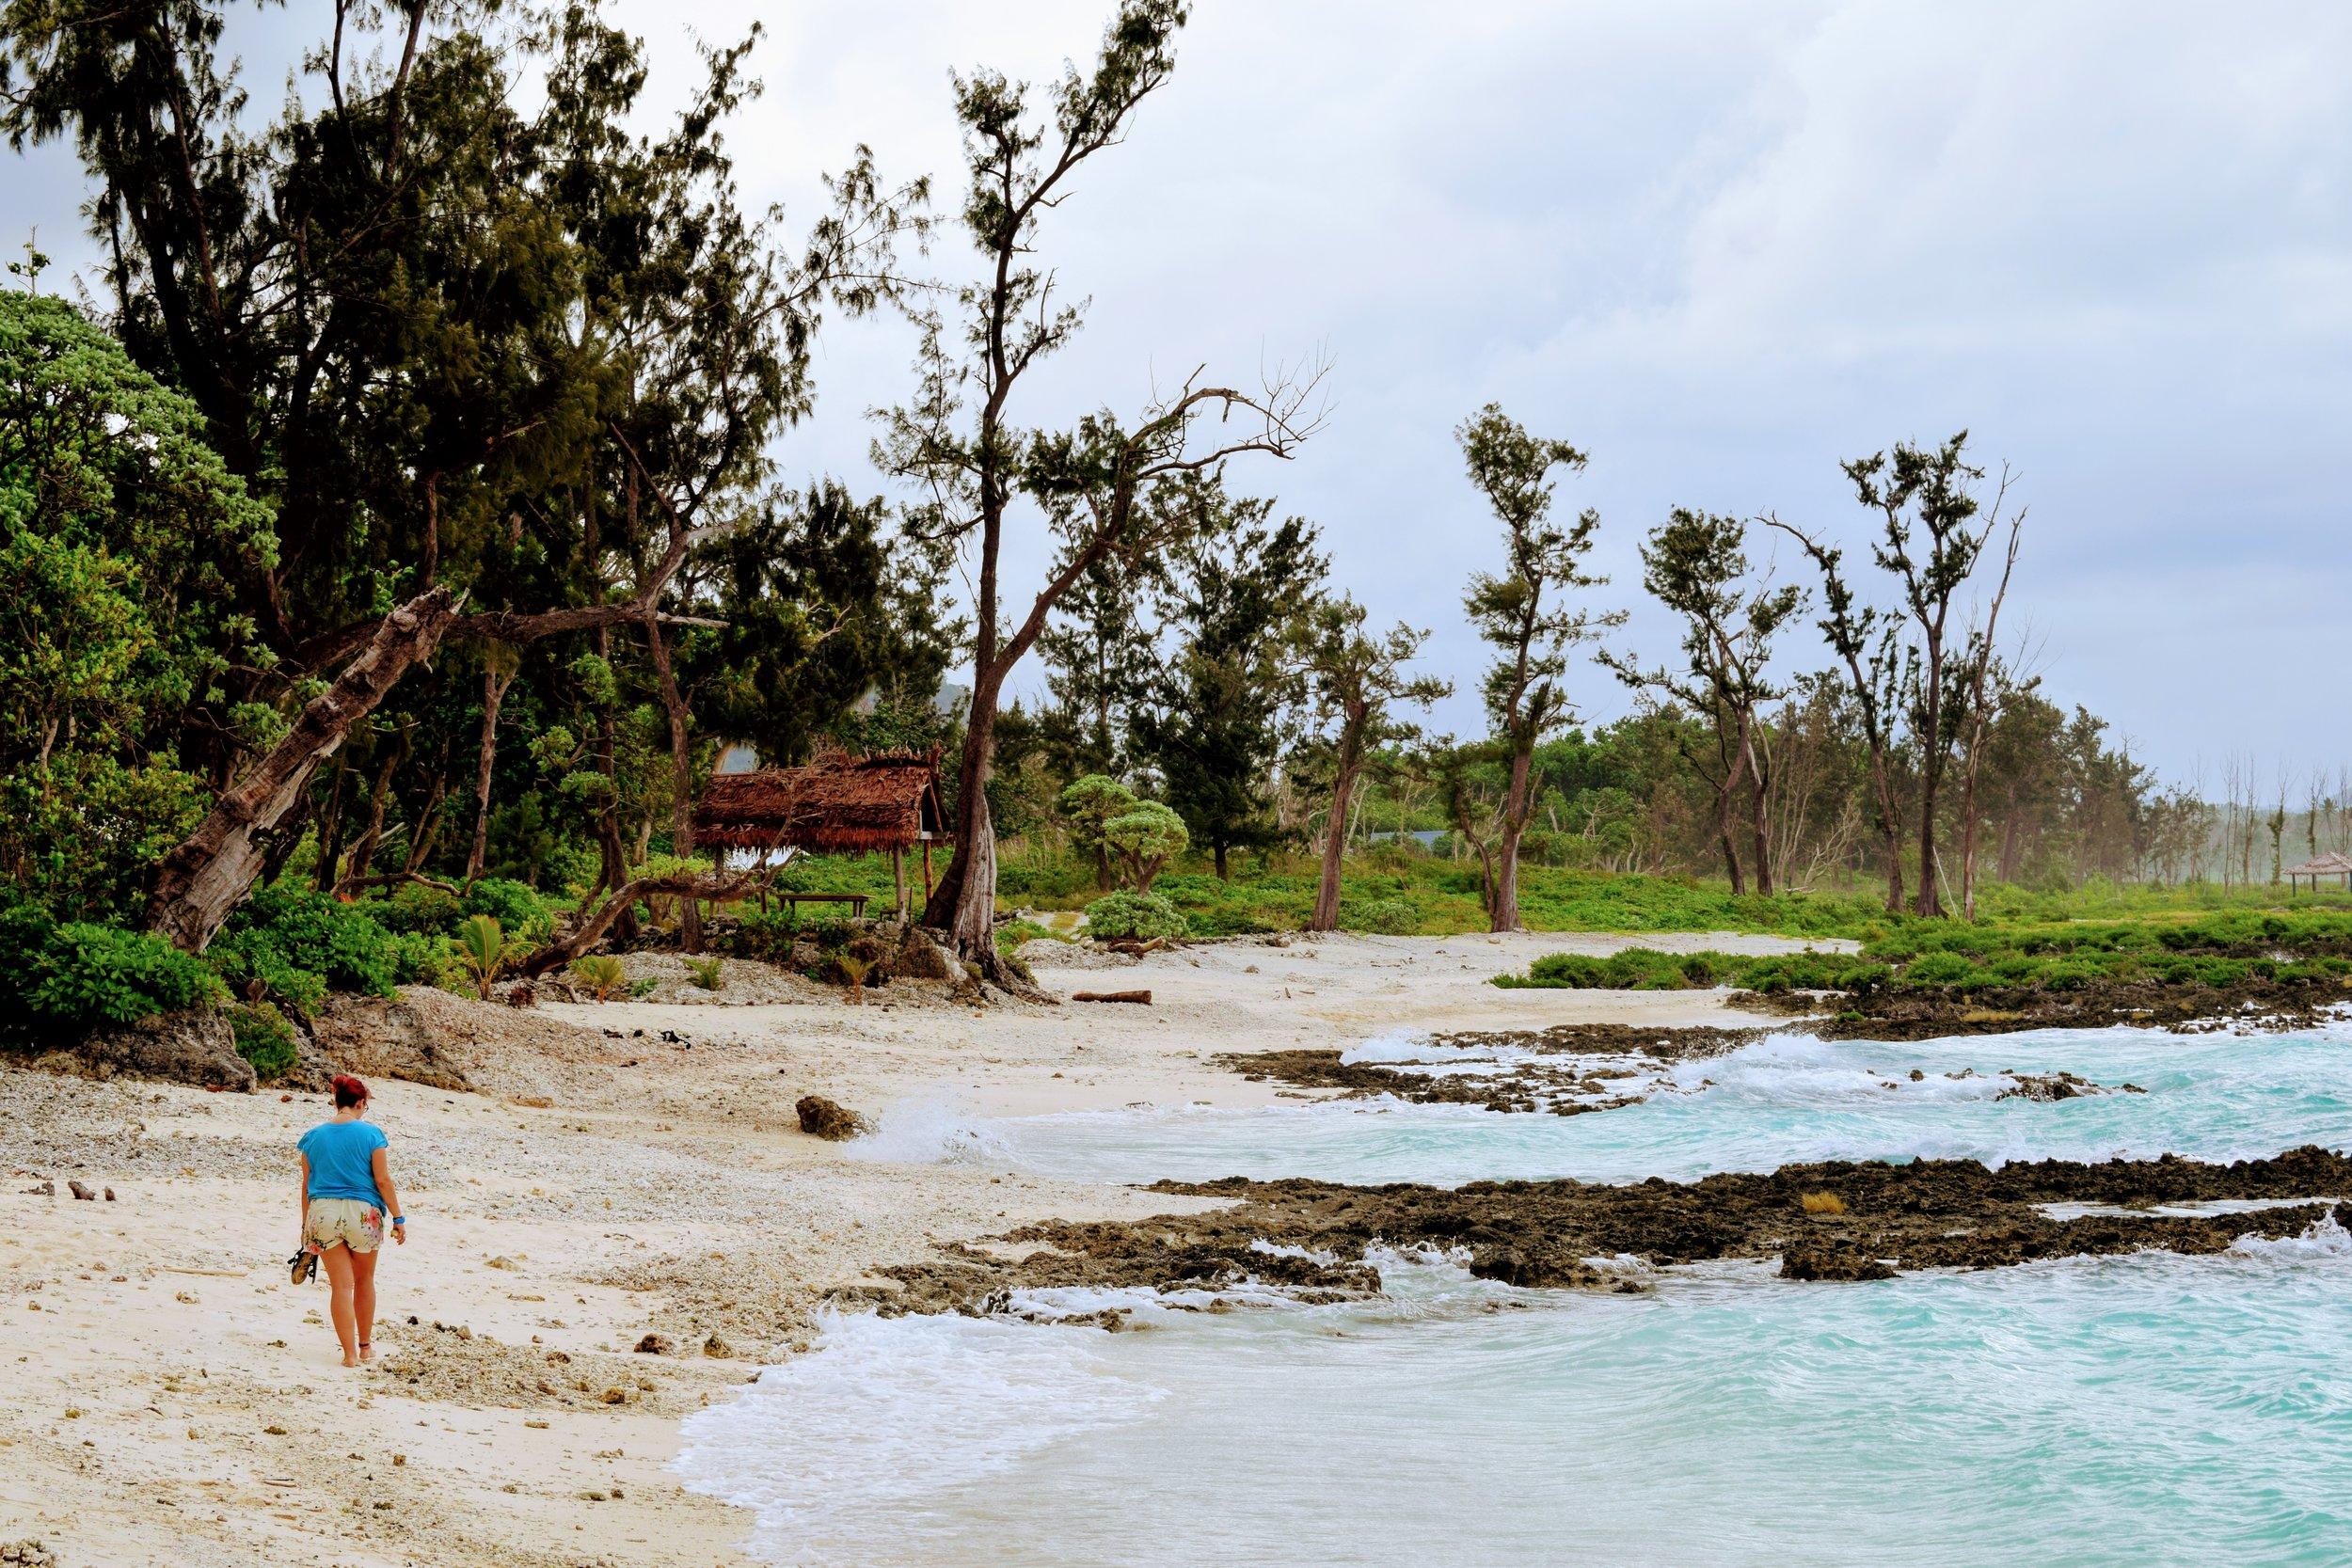 Me in my element in Vanuatu.